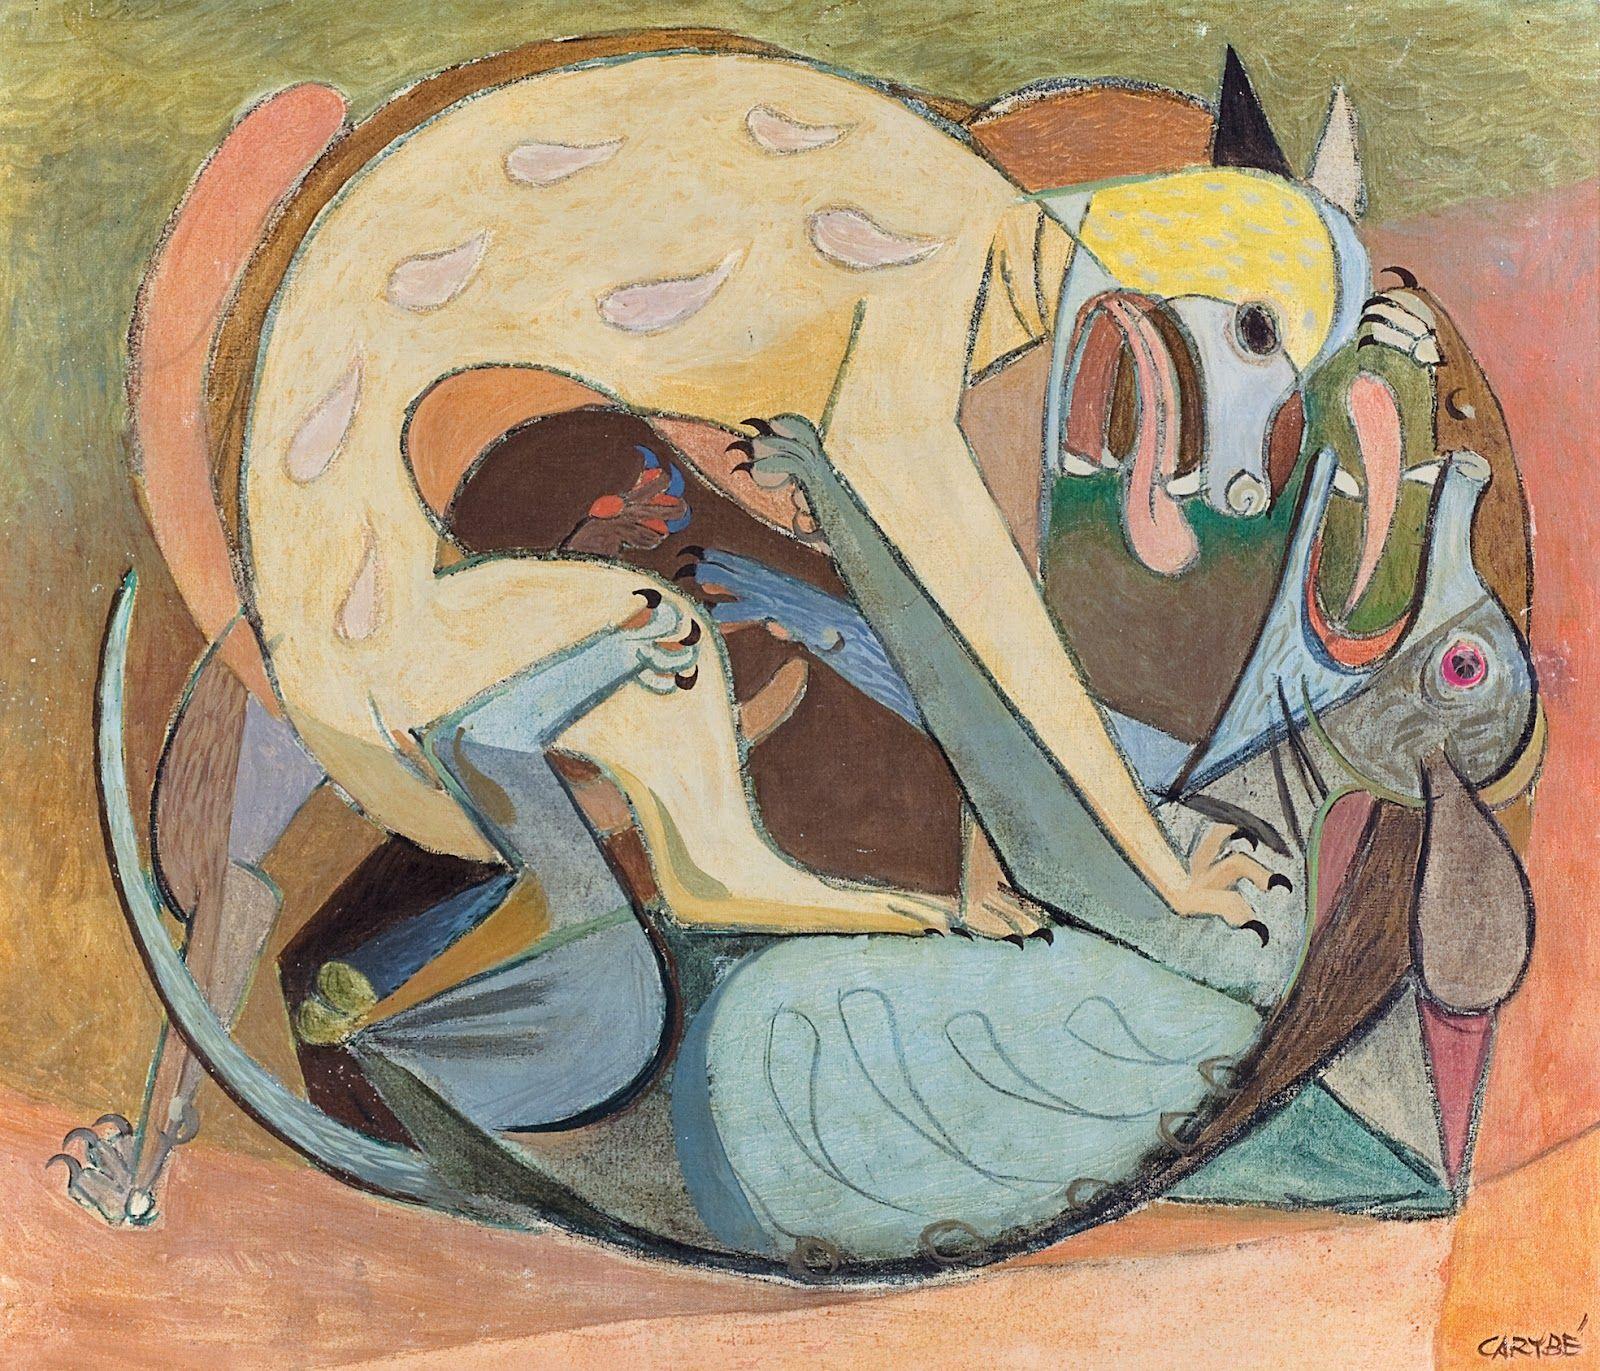 Carybé - Briga de cachorros, 1942